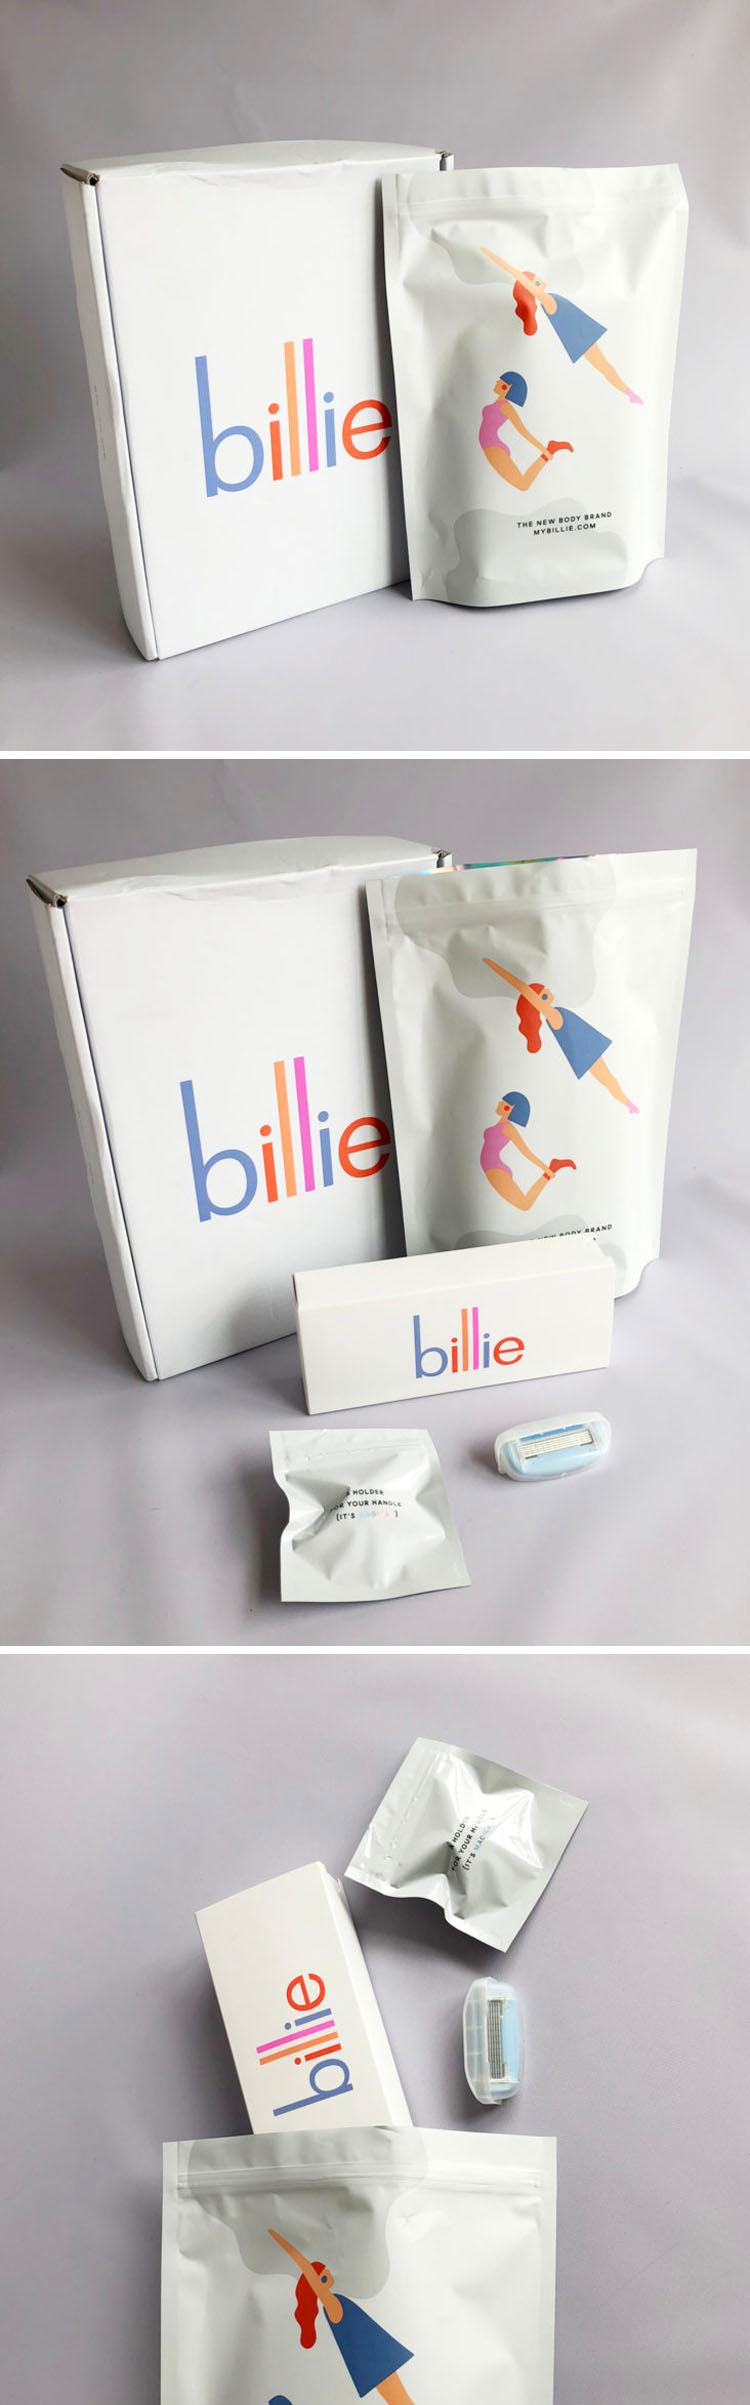 läs mer om Billie  här